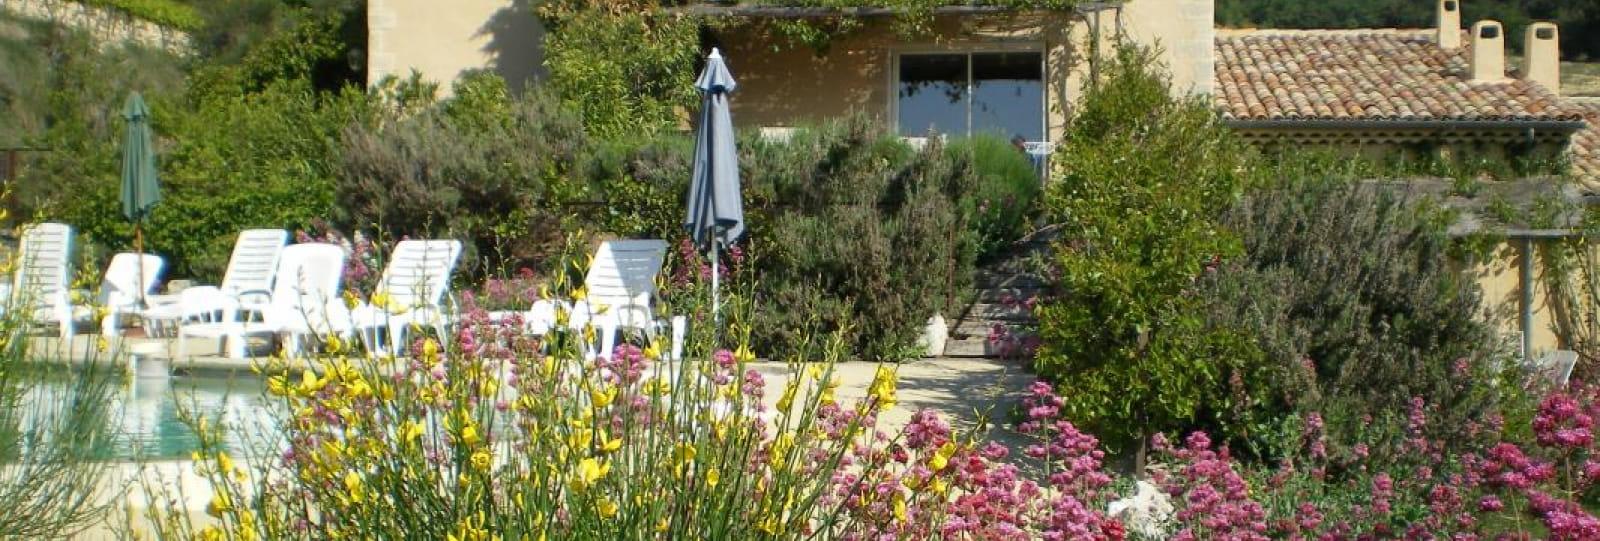 Gites de la Crose - Terrasse le Florie